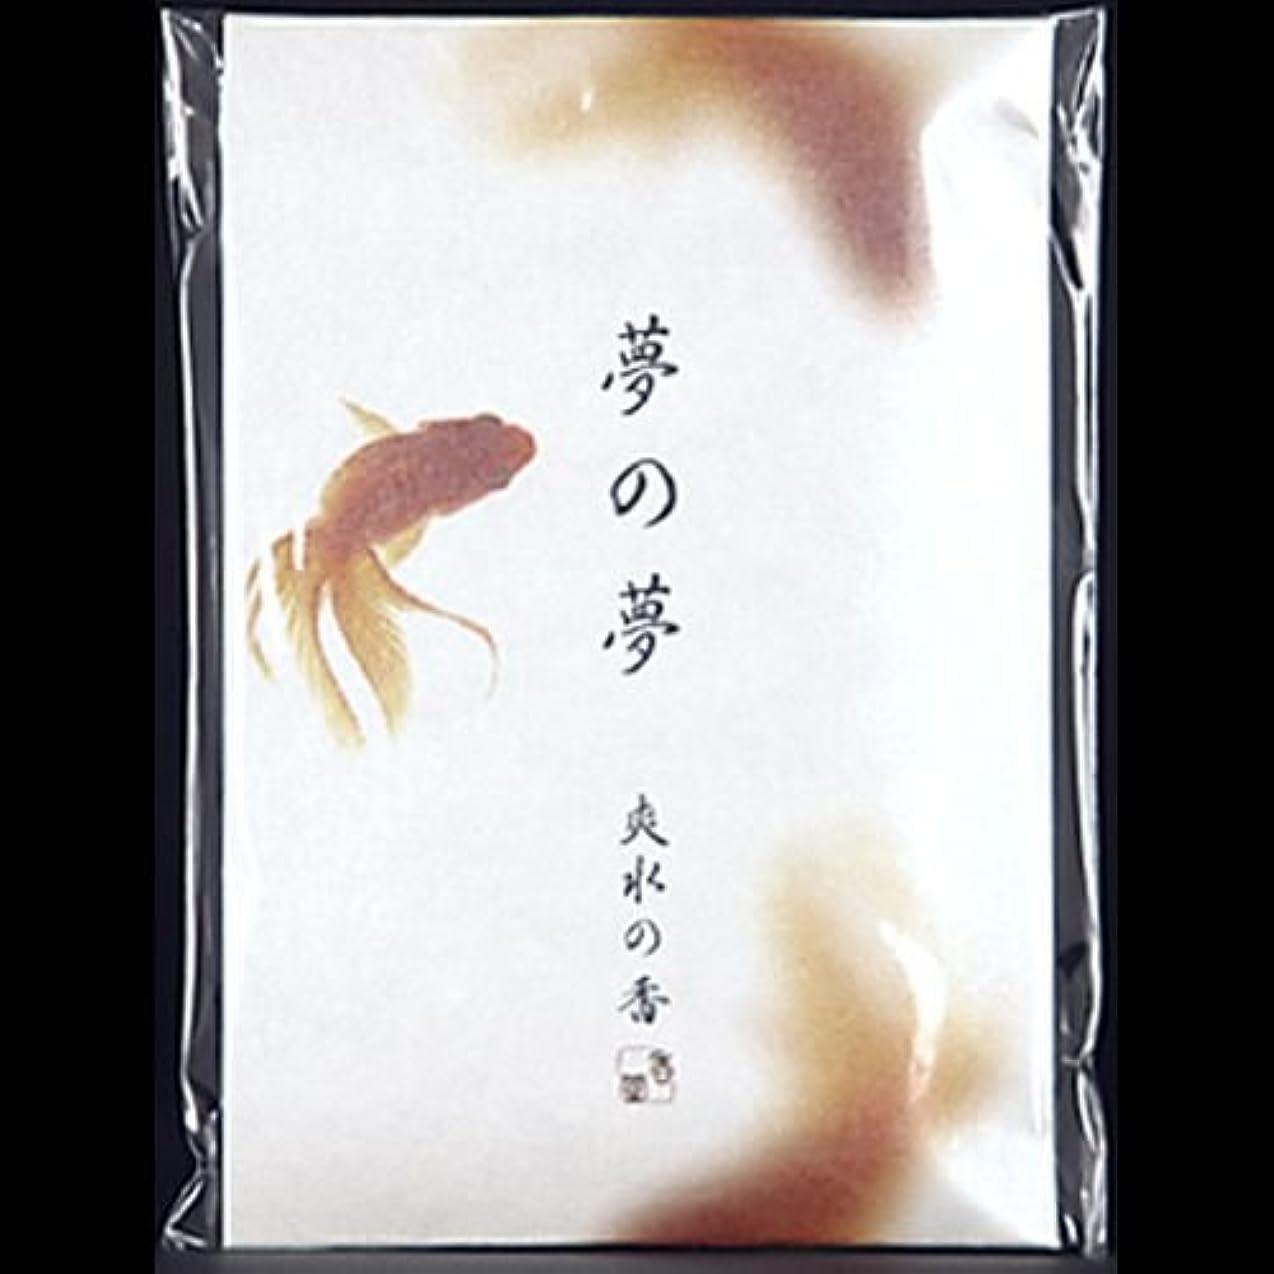 比喩キャンプたぶん【まとめ買い】夢の夢 爽水の香 (金魚) スティック12本入 ×2セット